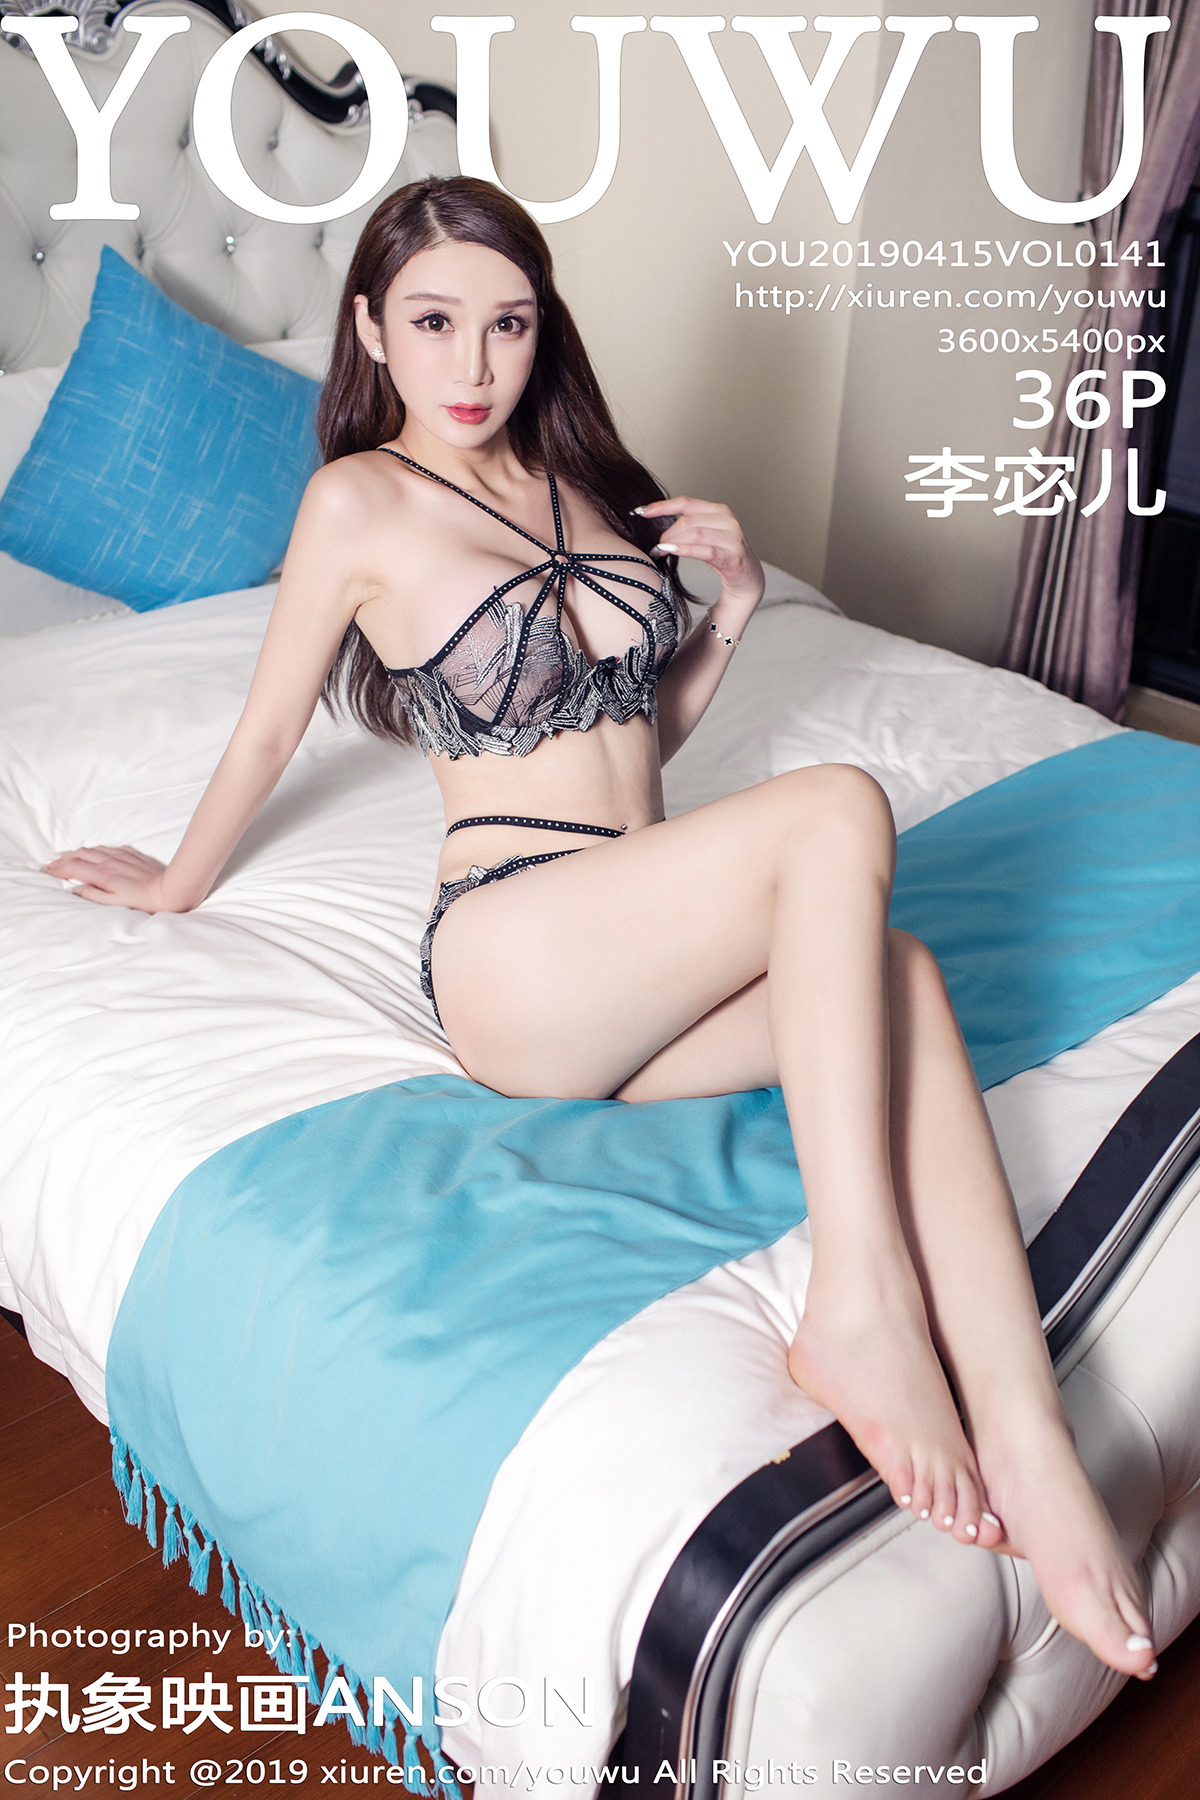 尤物馆 [YouWu] 2019.04.15 VOL.141 李宓儿